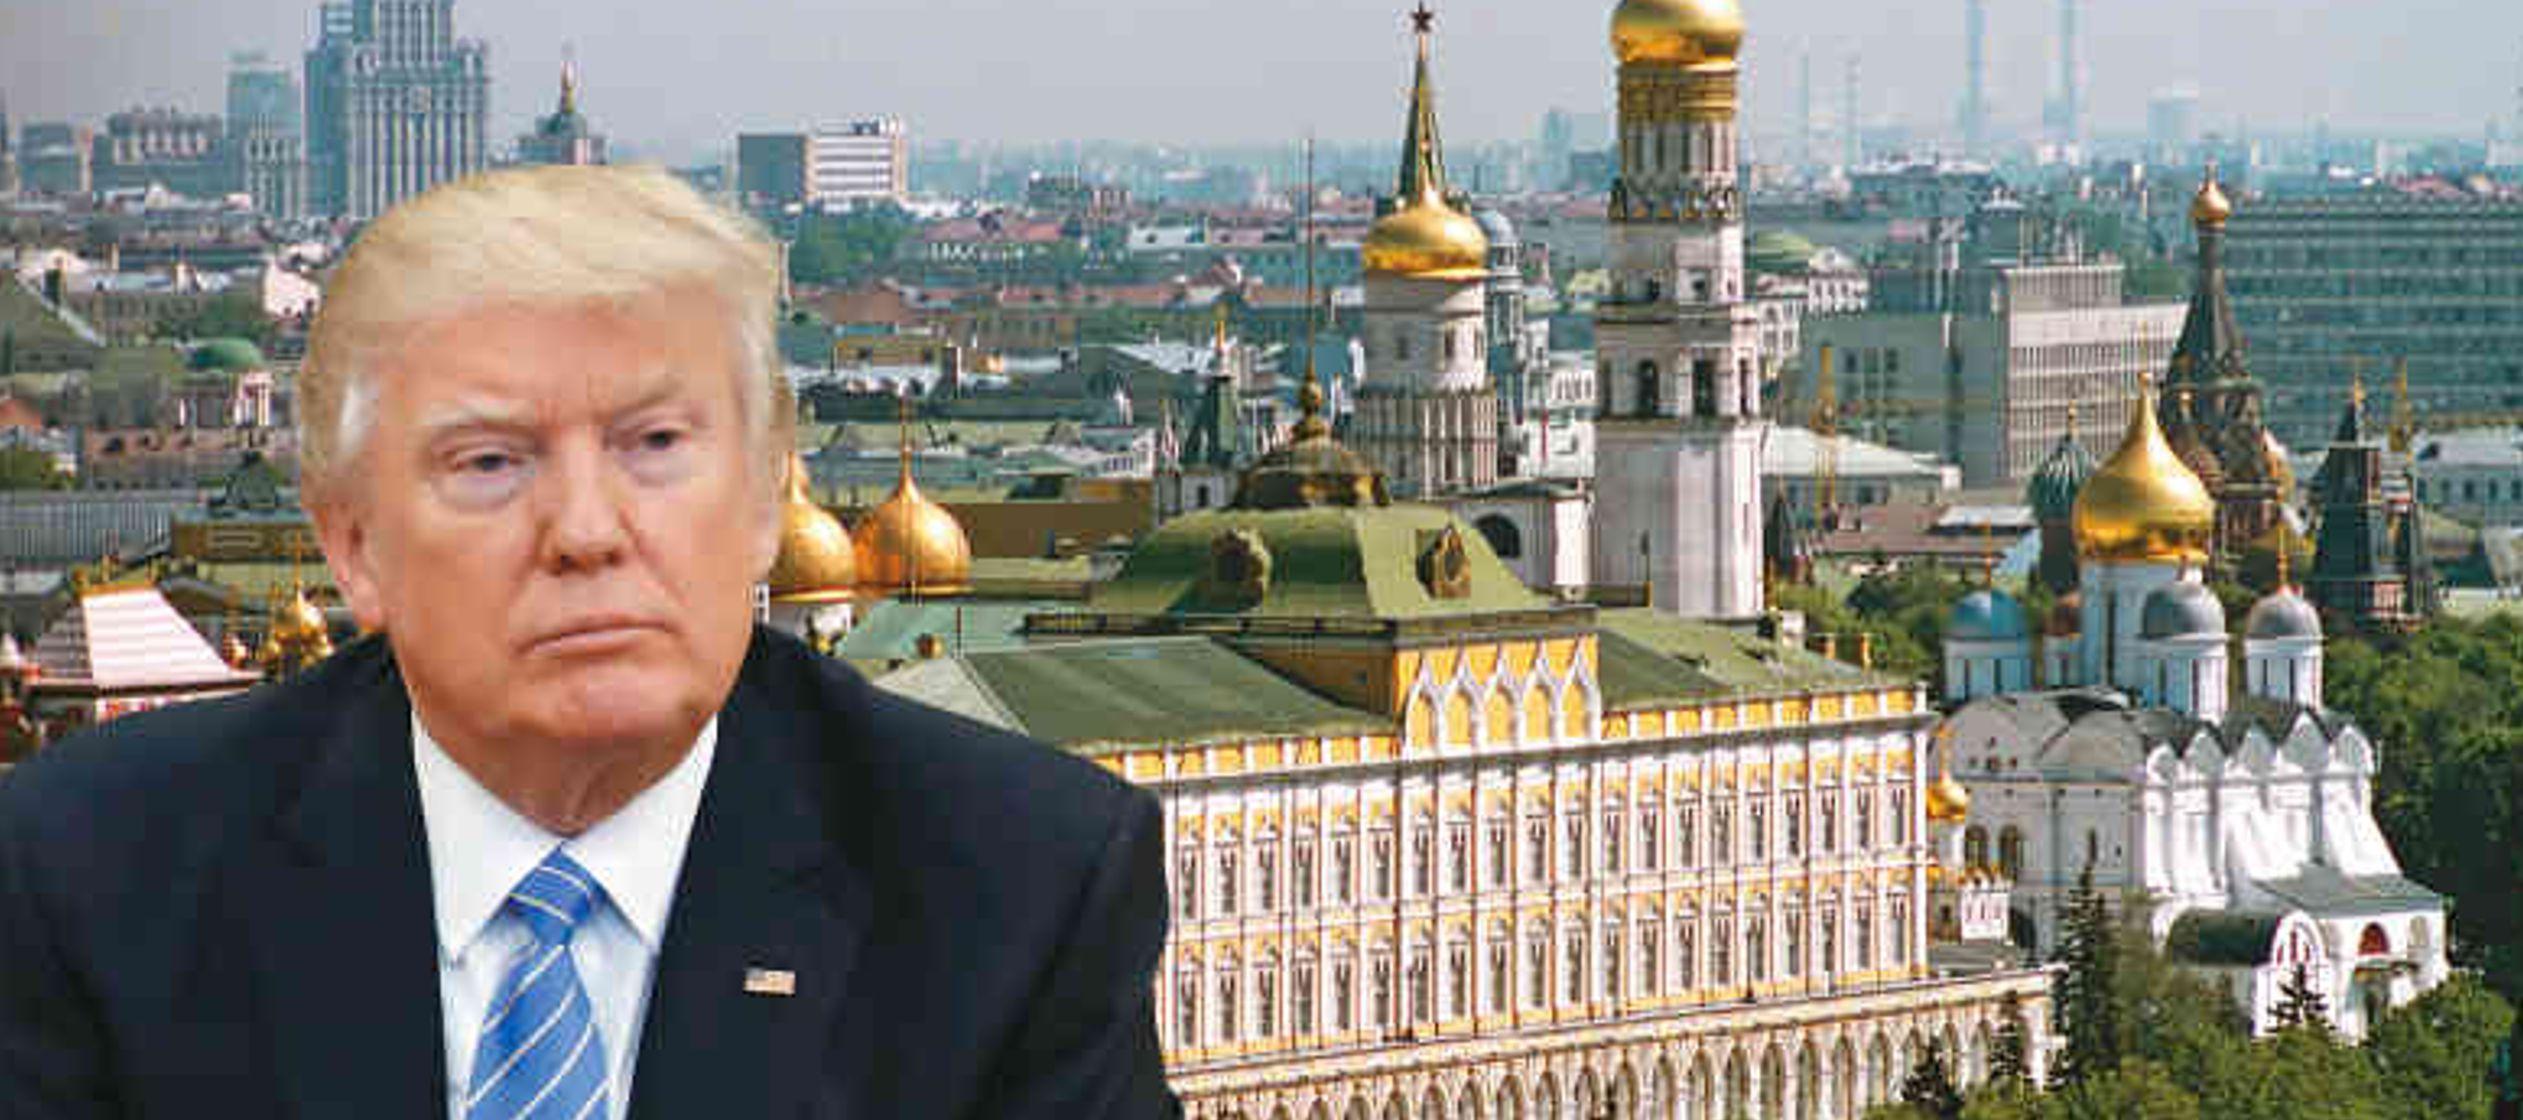 """Bolton dijo que declaró a Pátrushev: """"No vamos a tolerar interferencias en 2018..."""